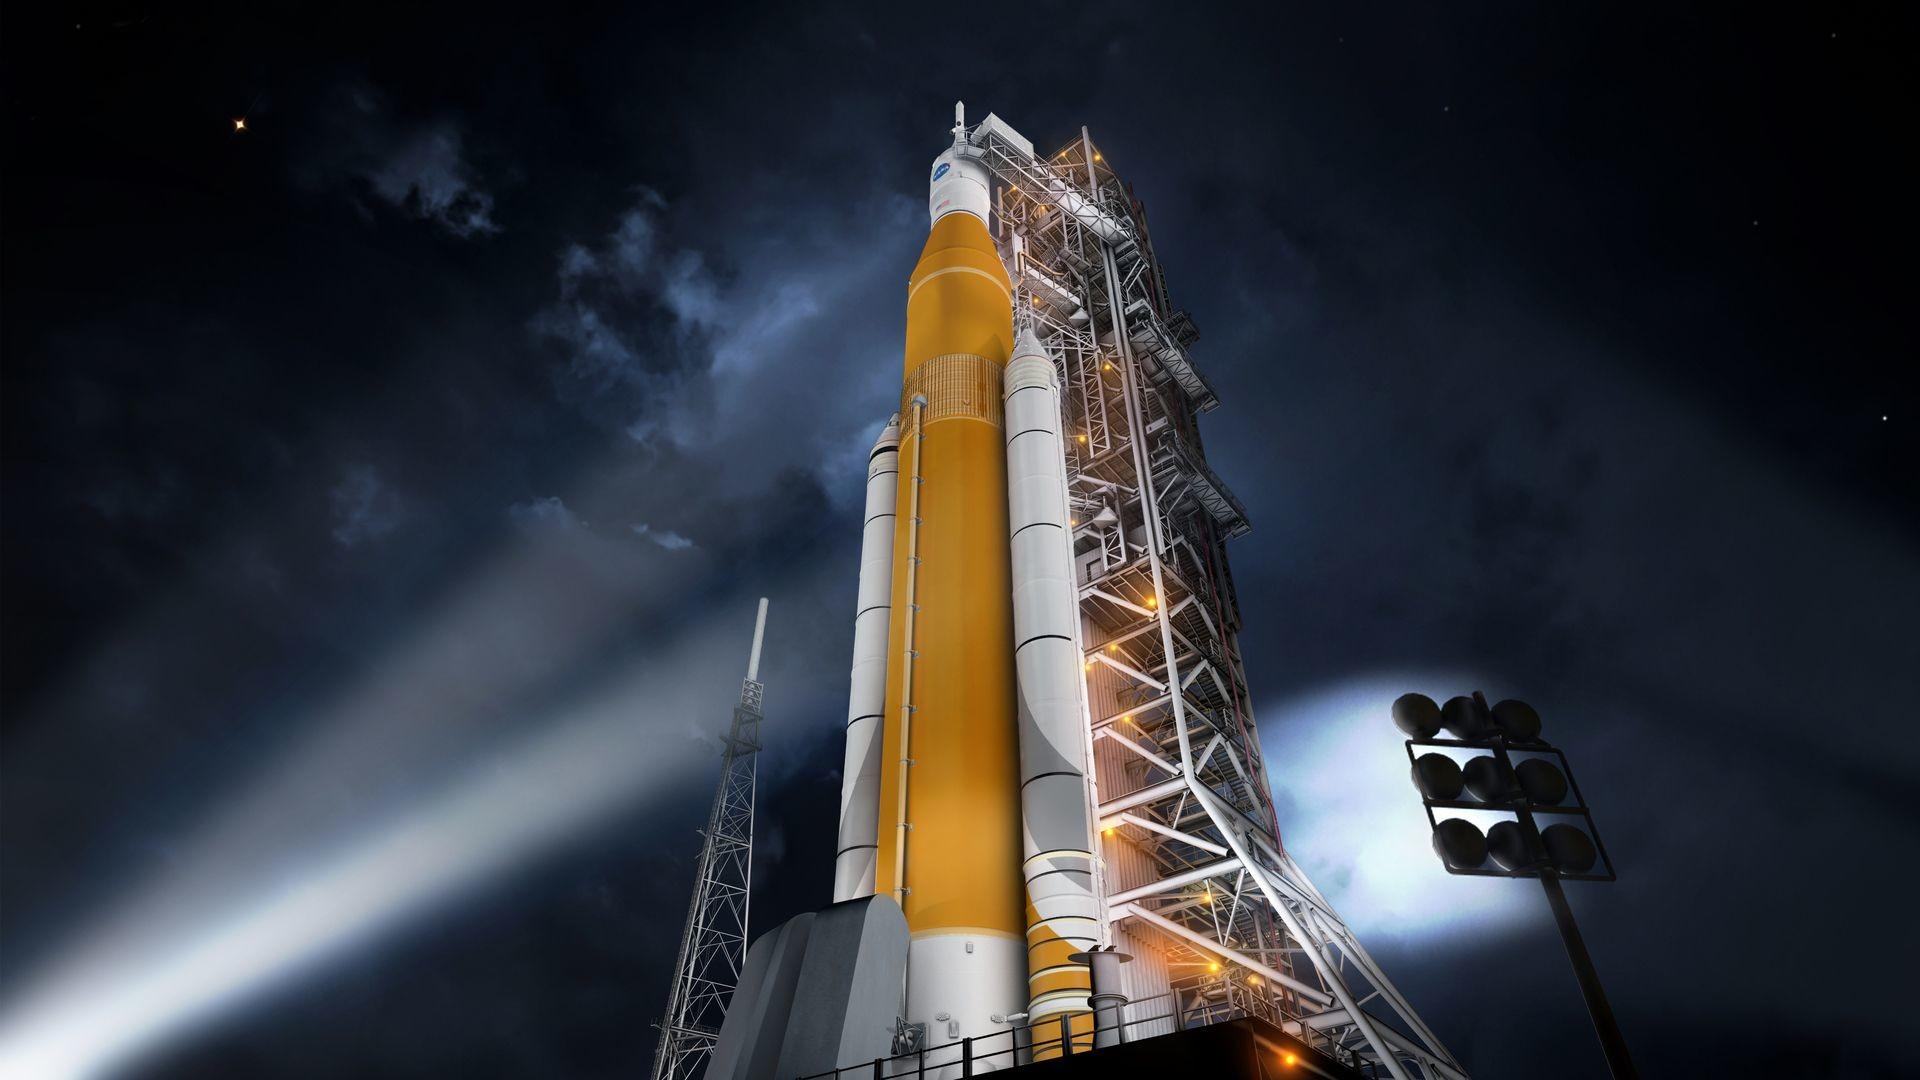 Energiya Buran Launch Source Rocket Wallpaper 59 Images